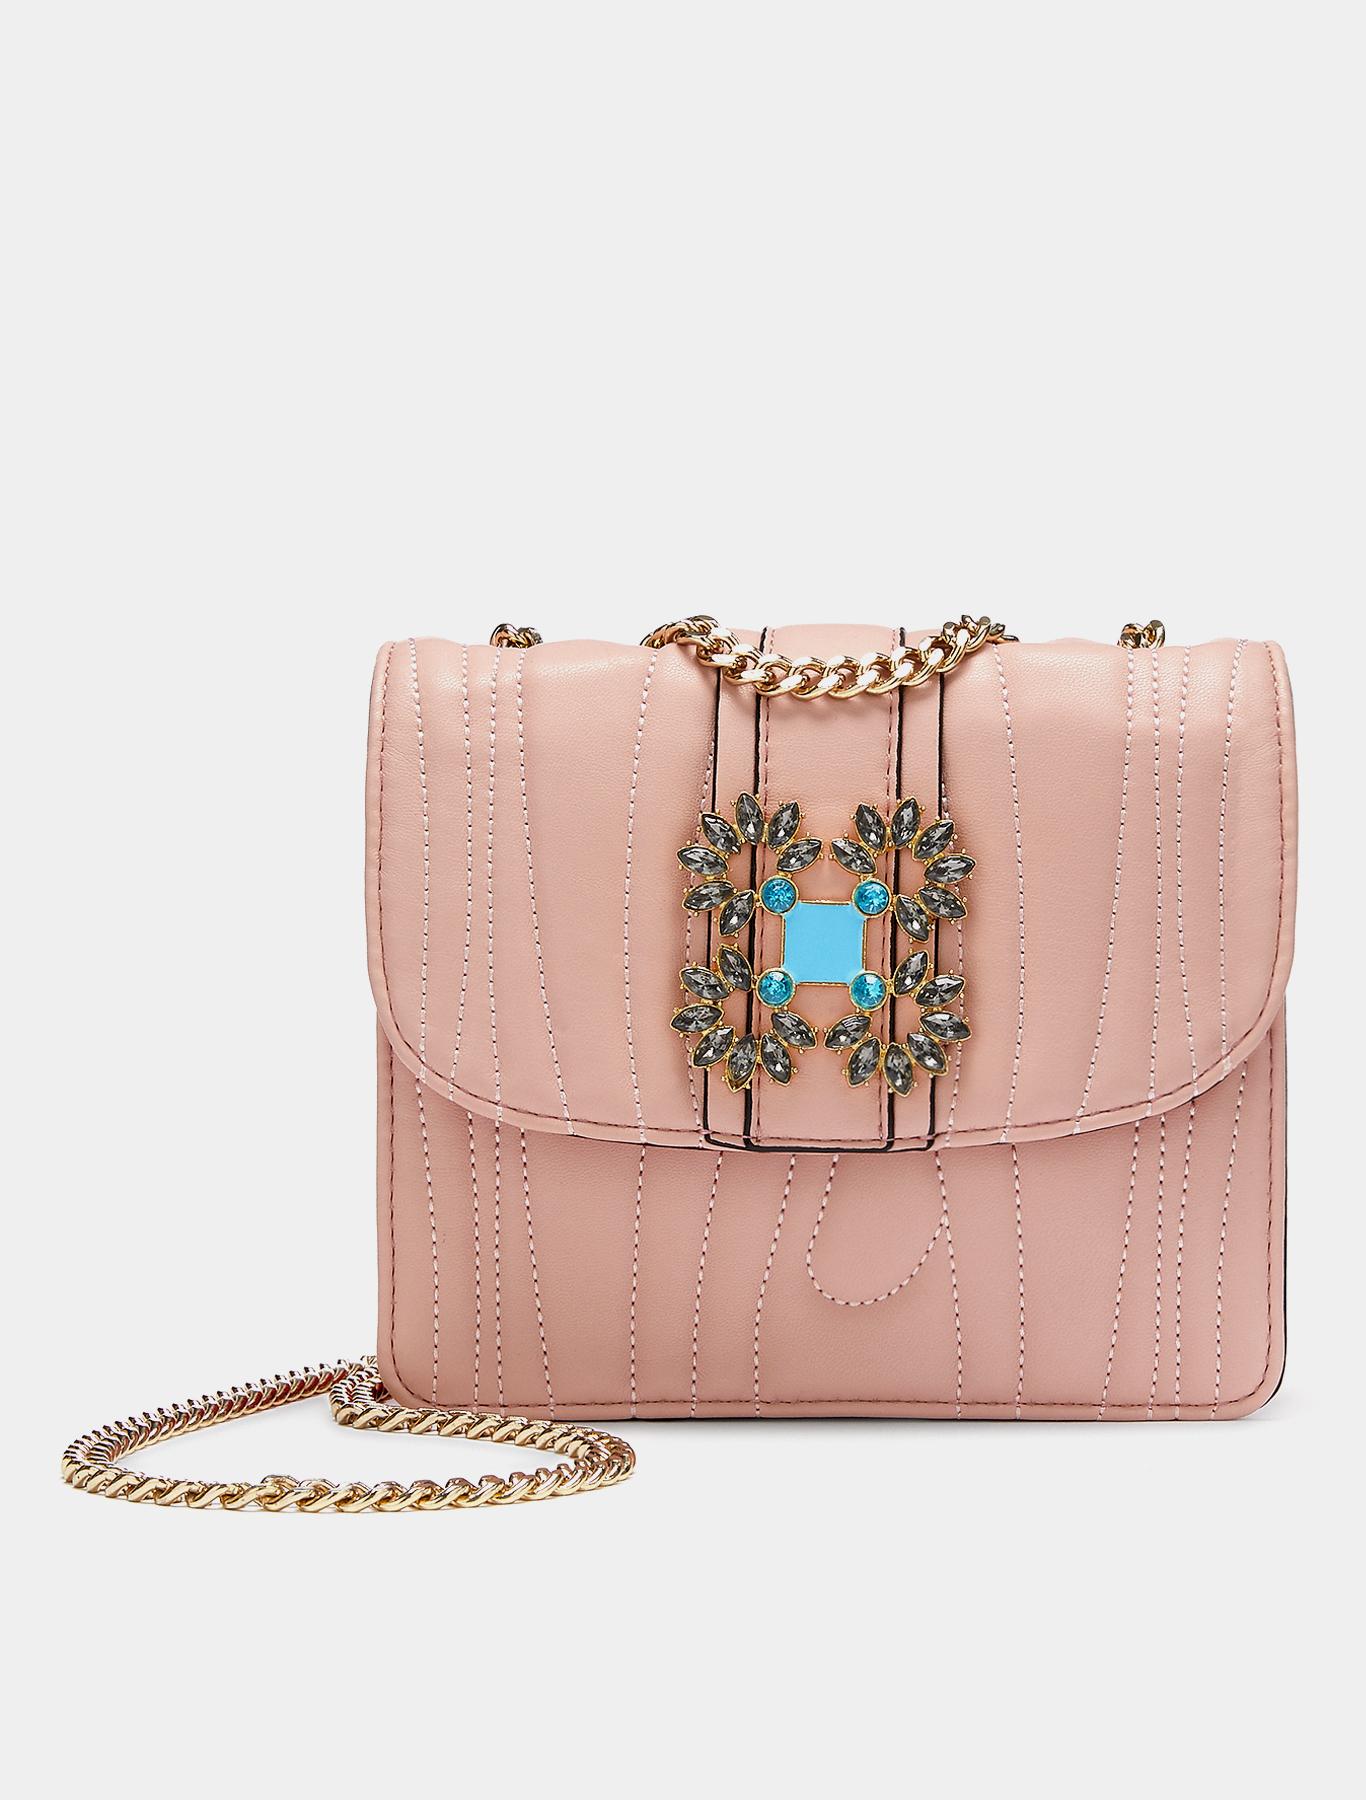 2bfd5c5d61 Borsa Lucky Bag, rosa - iBlues